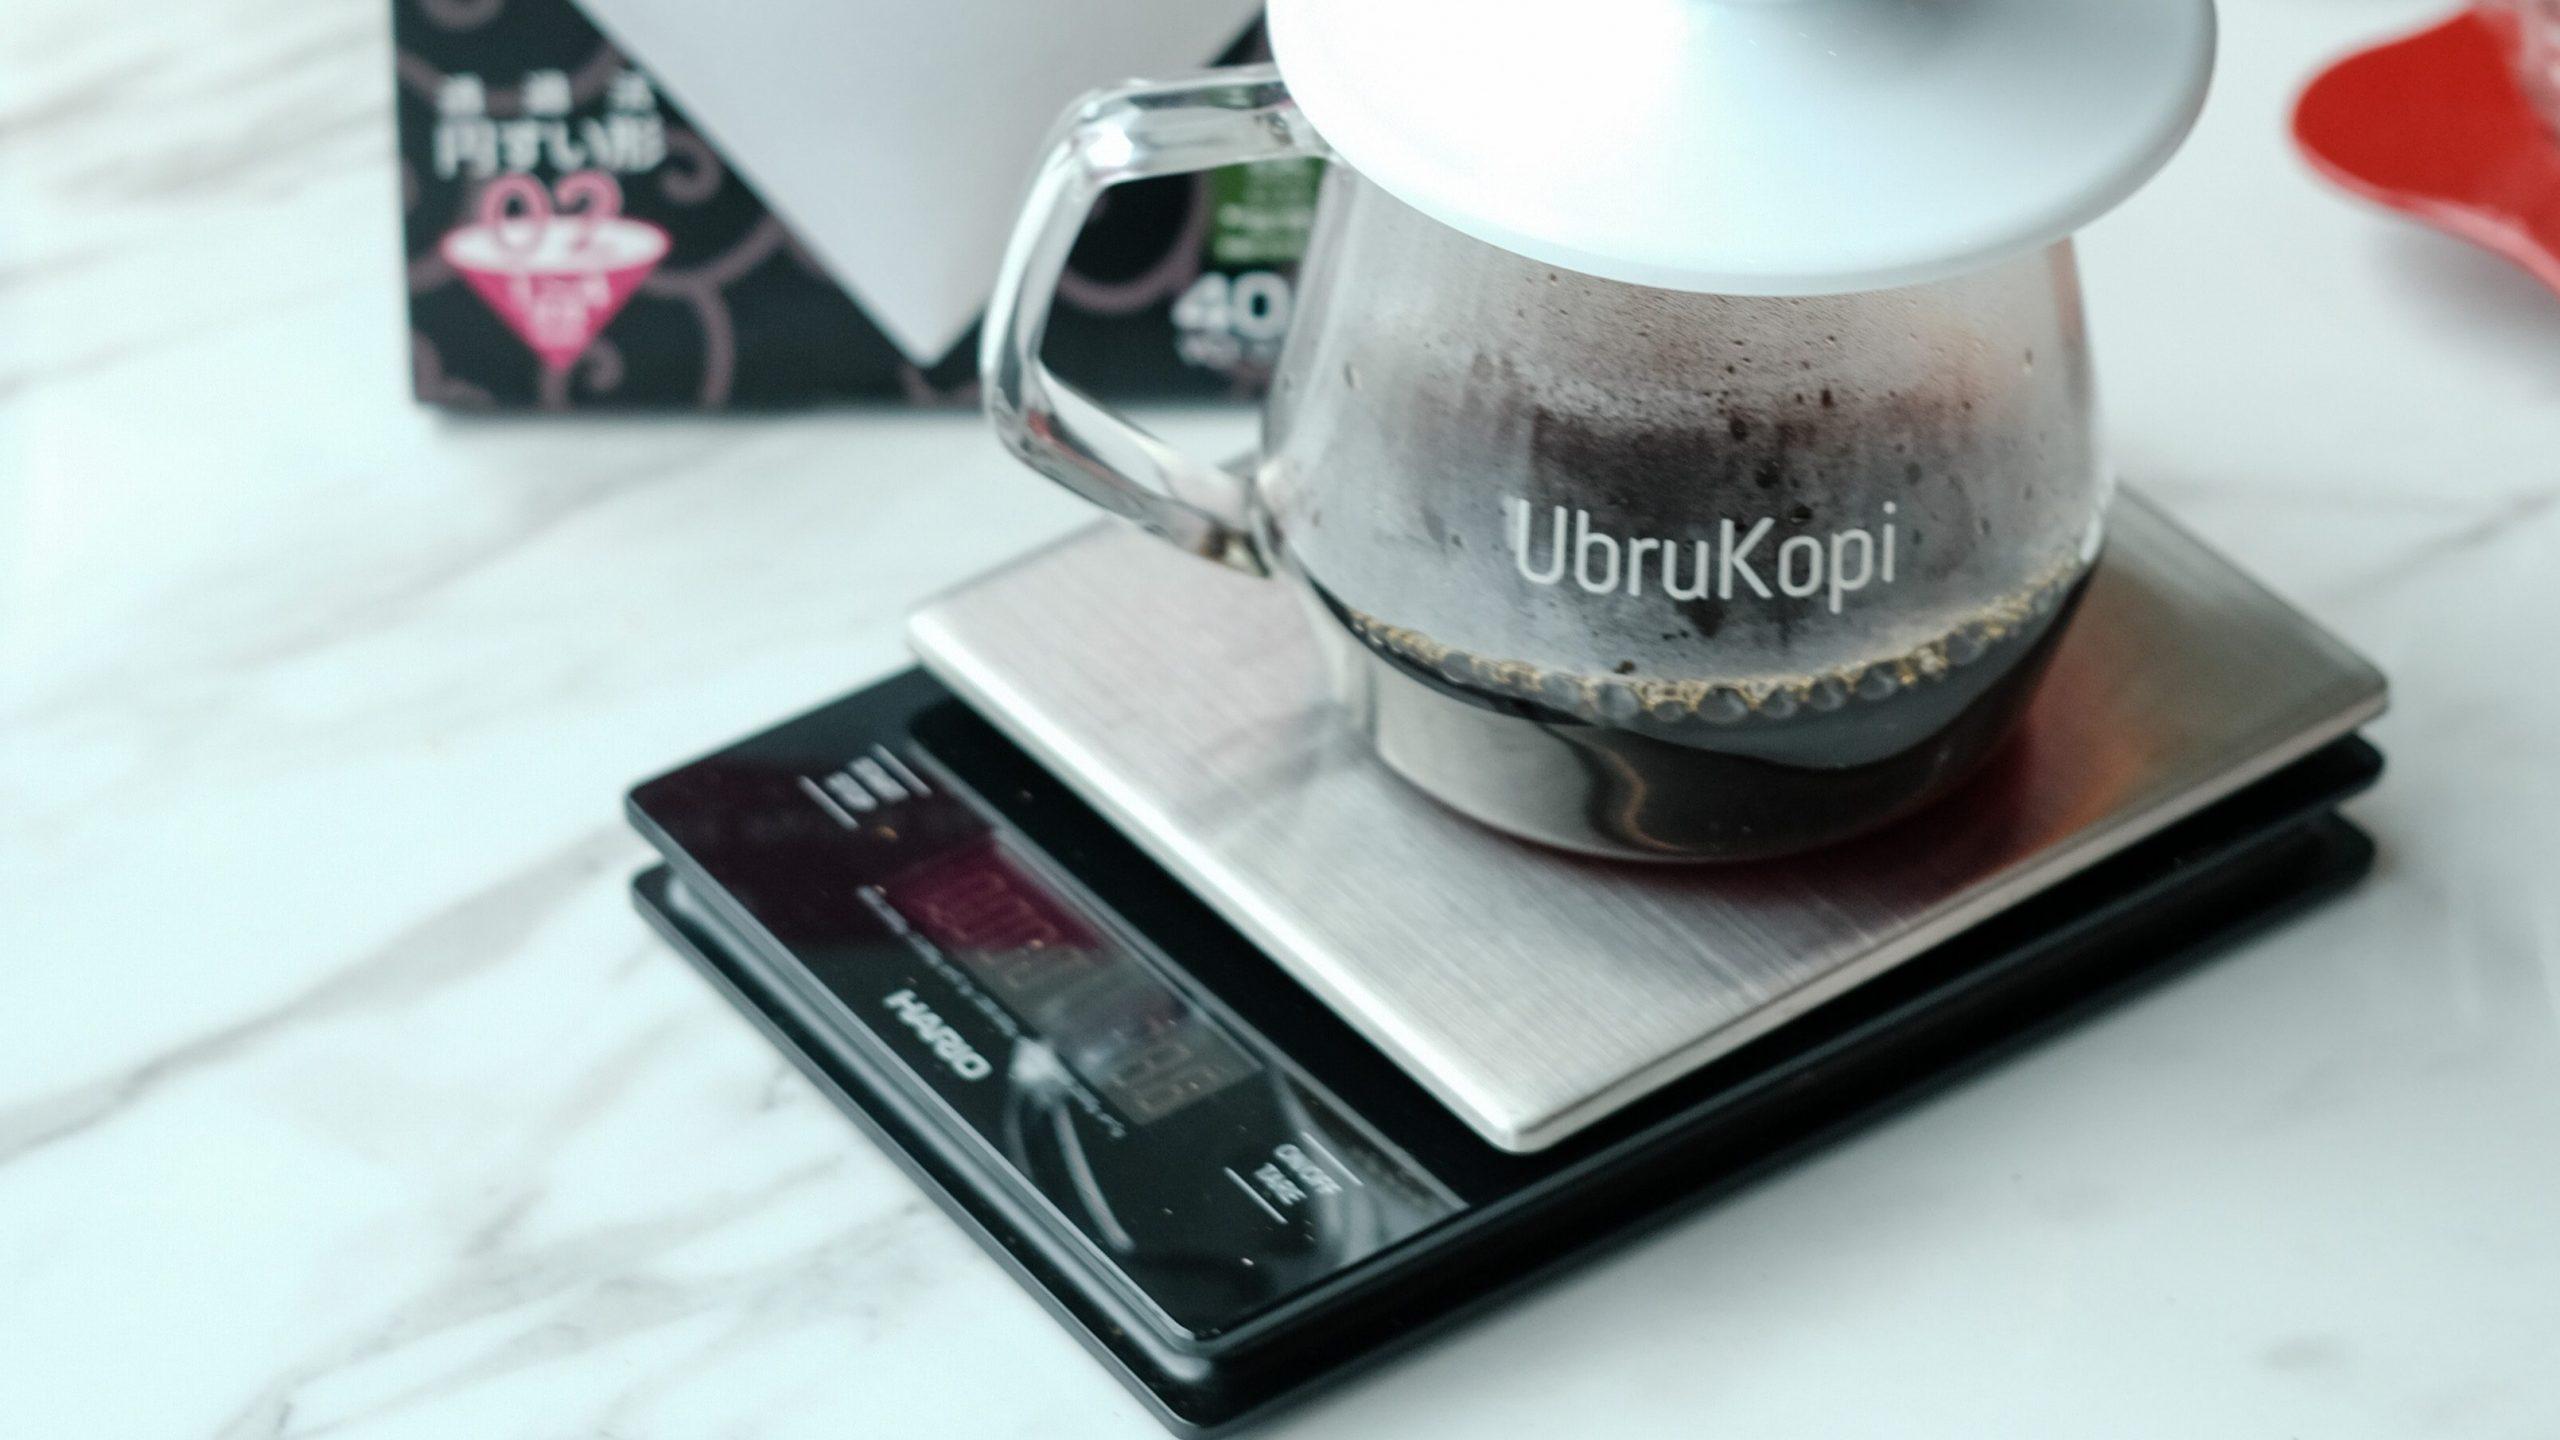 Timbangan digital juga merupakan alat kopi yang diperlukan dalam seduh manual